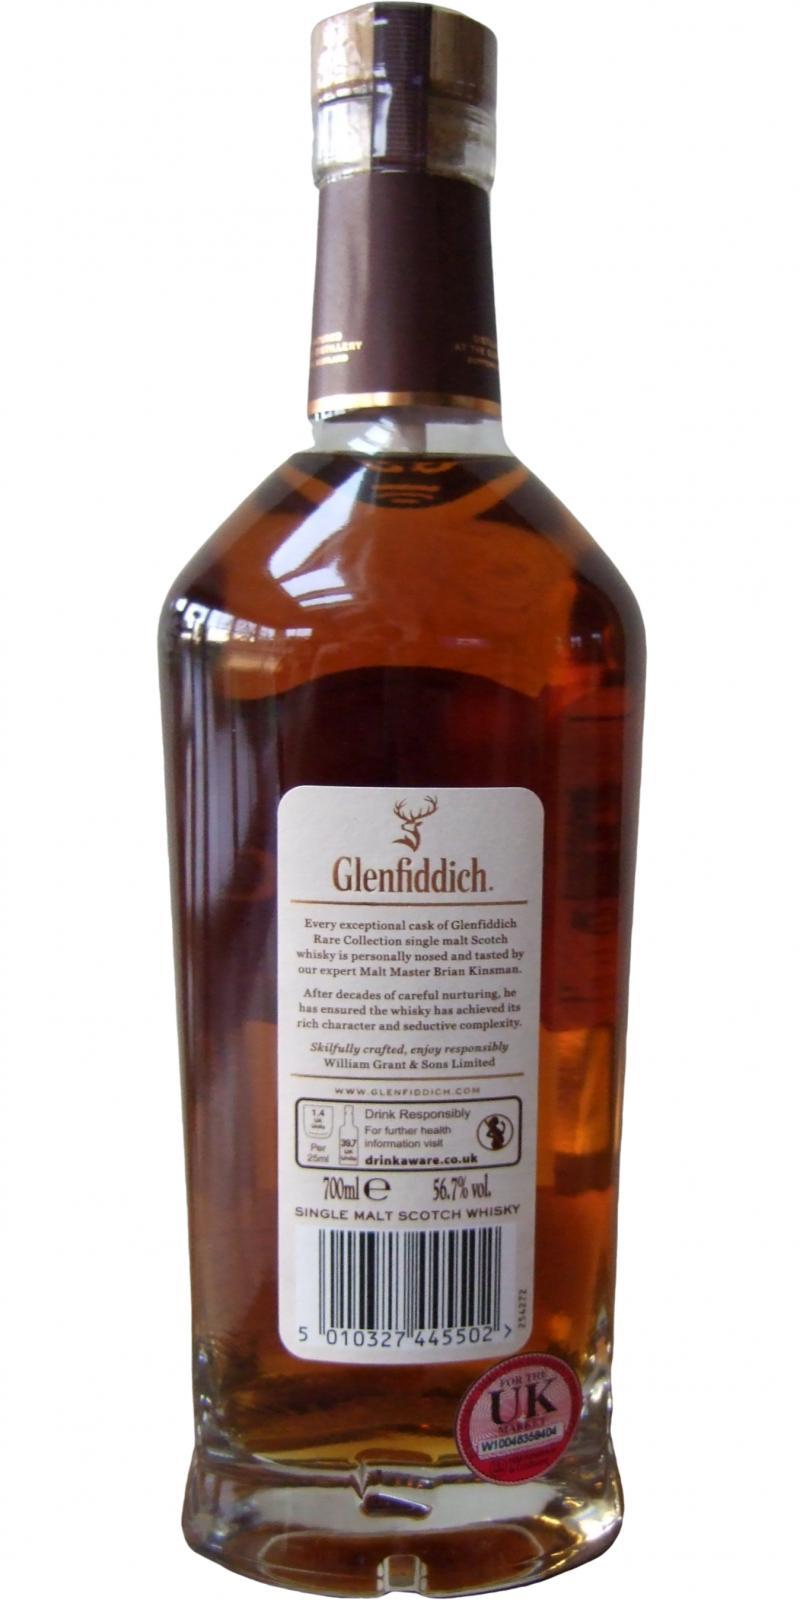 Glenfiddich 1987